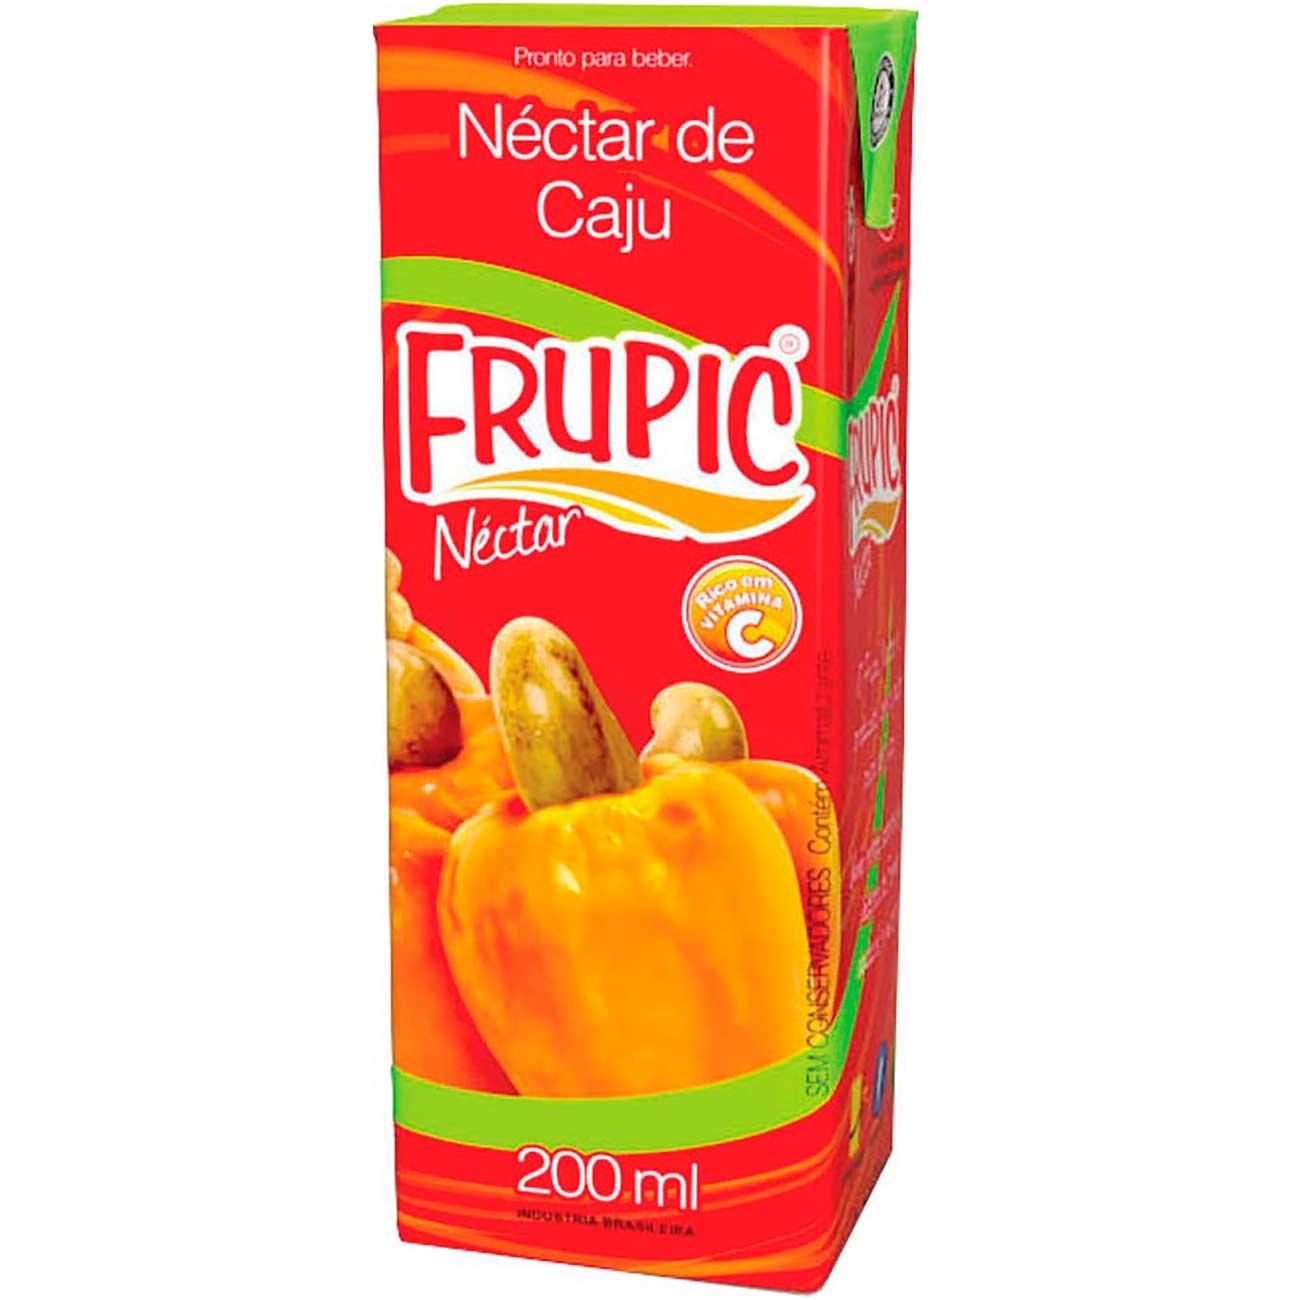 Suco Frupic Caju Tp 200ml   Caixa com 18 unidades